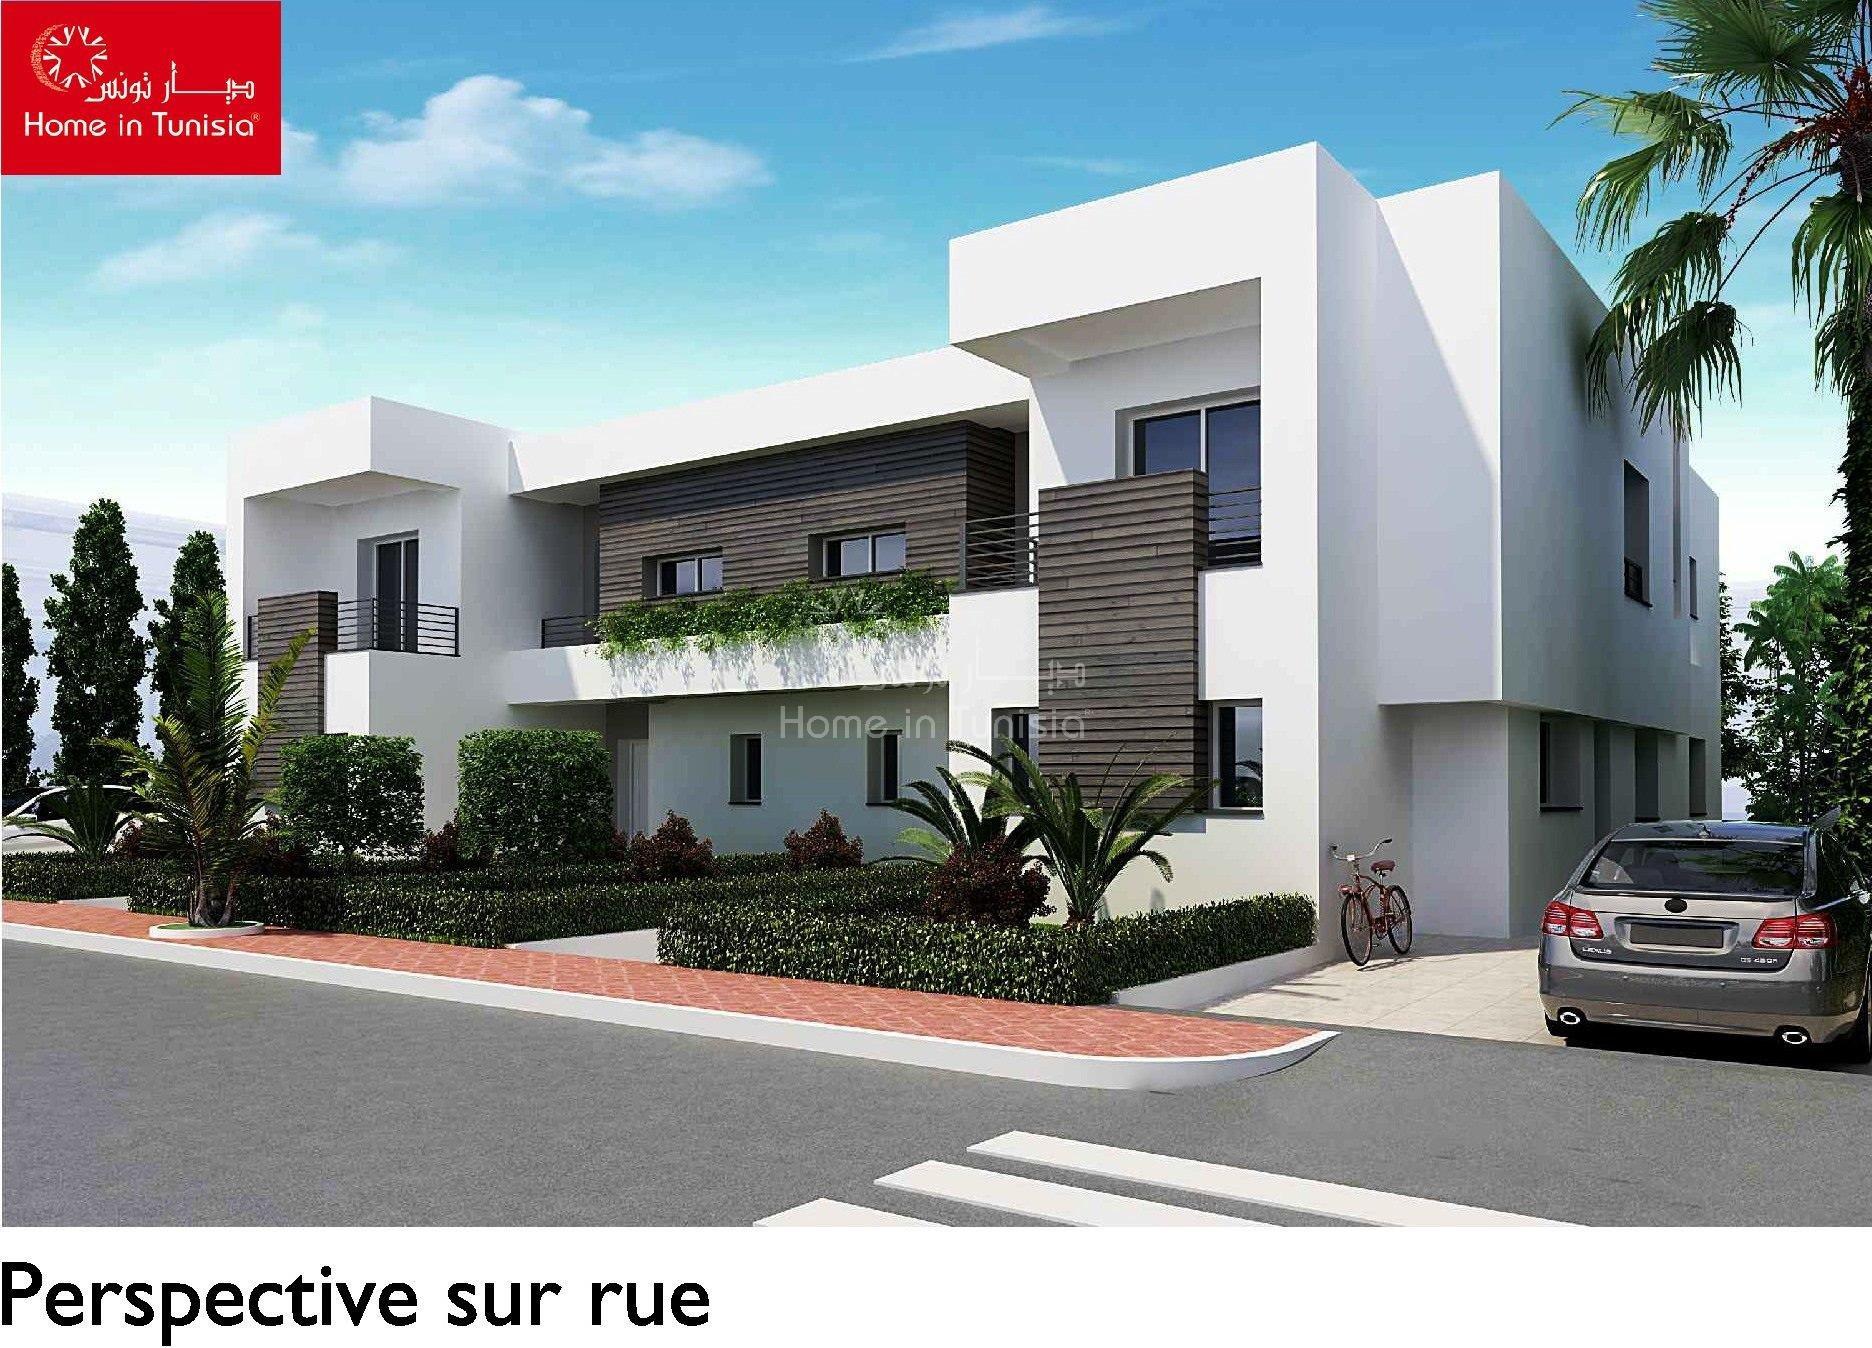 verkauf villa gammarth tunesien 319 220. Black Bedroom Furniture Sets. Home Design Ideas